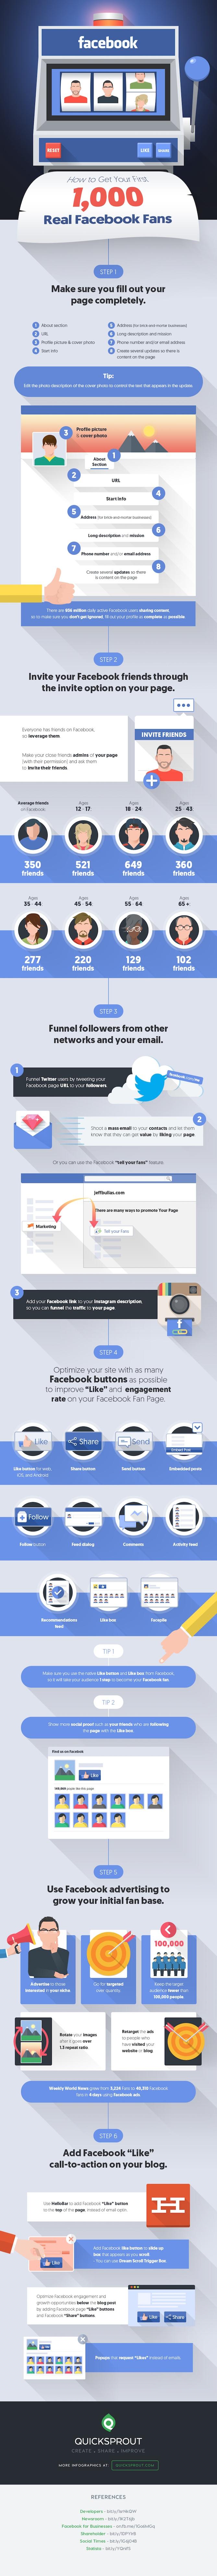 Comment obtenir 1000 fans Facebook